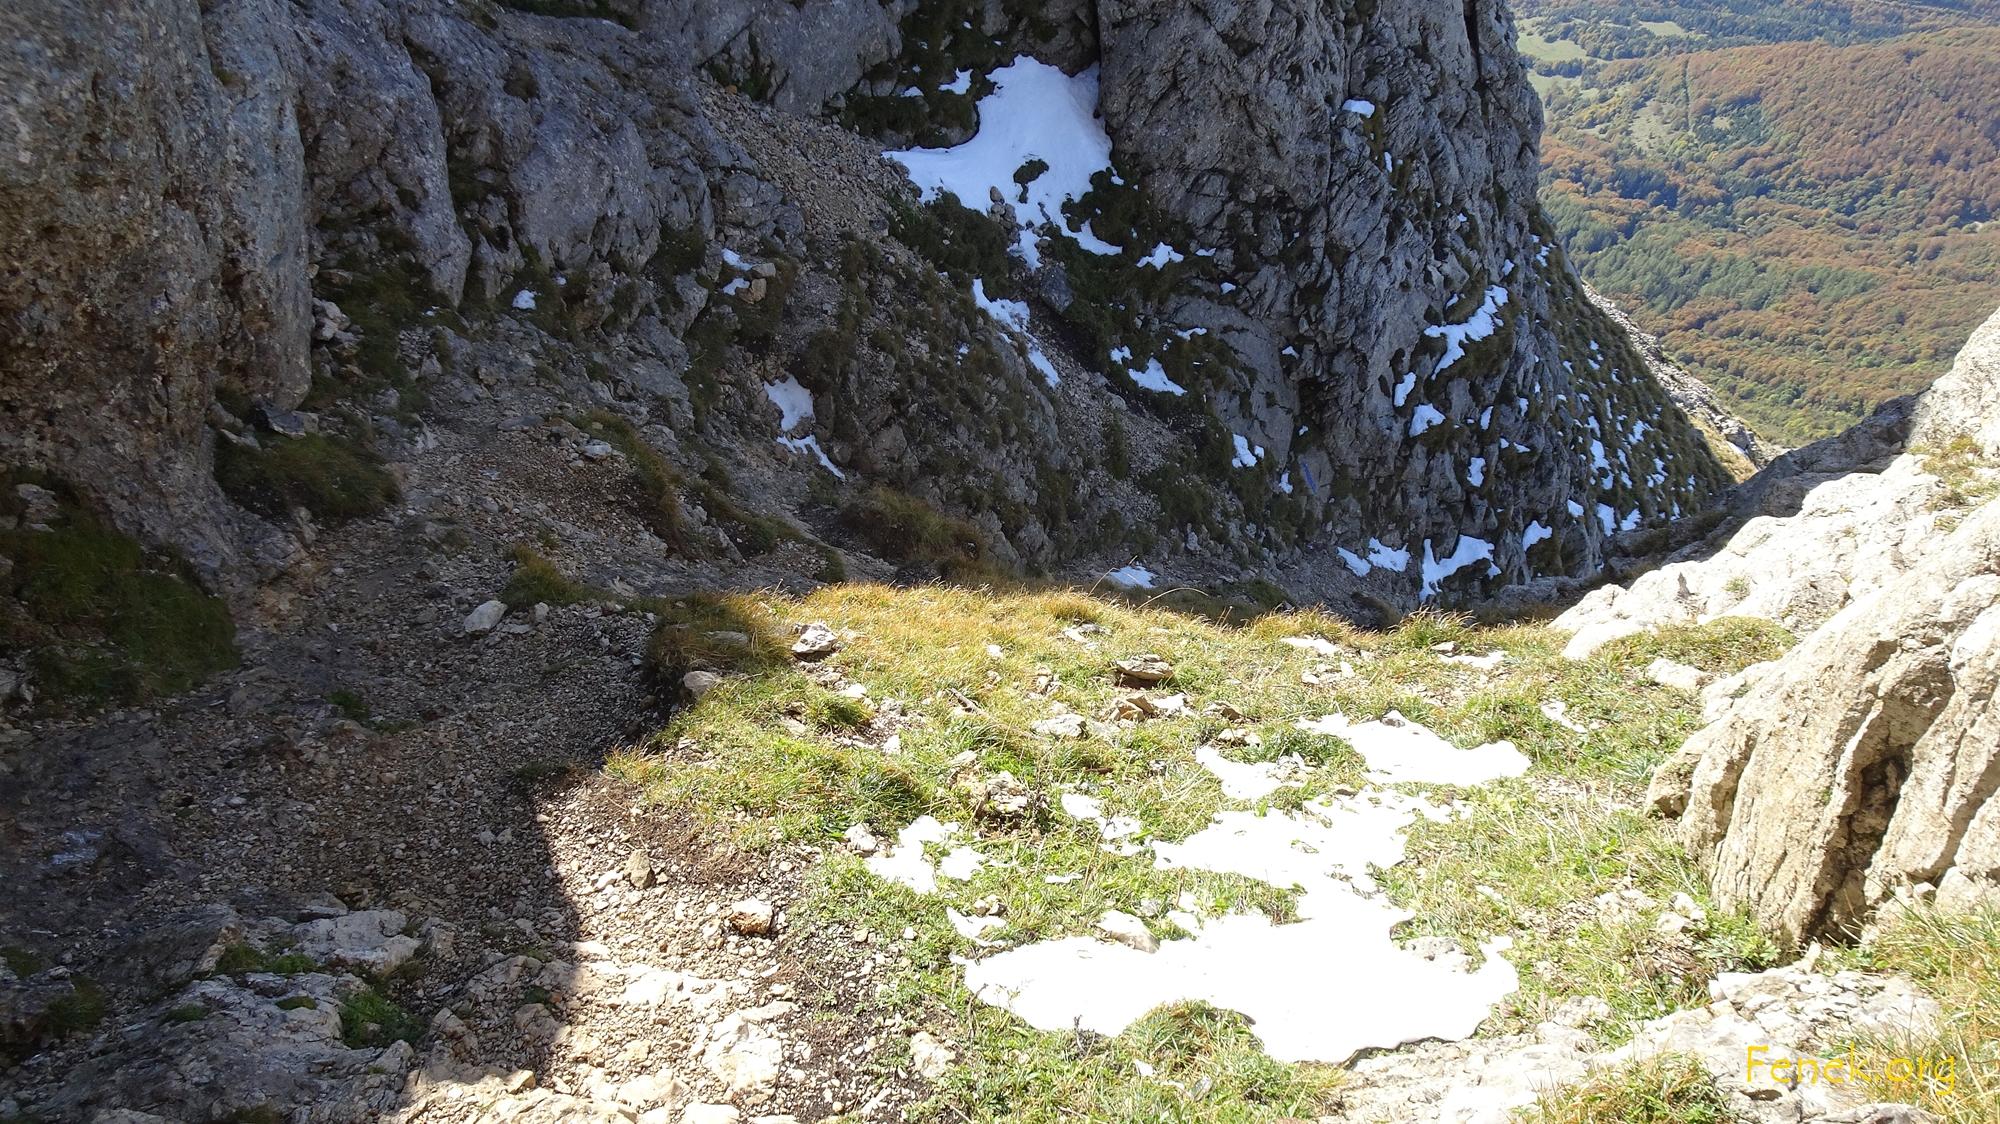 nach der Kletterpartie ein Blick zurück